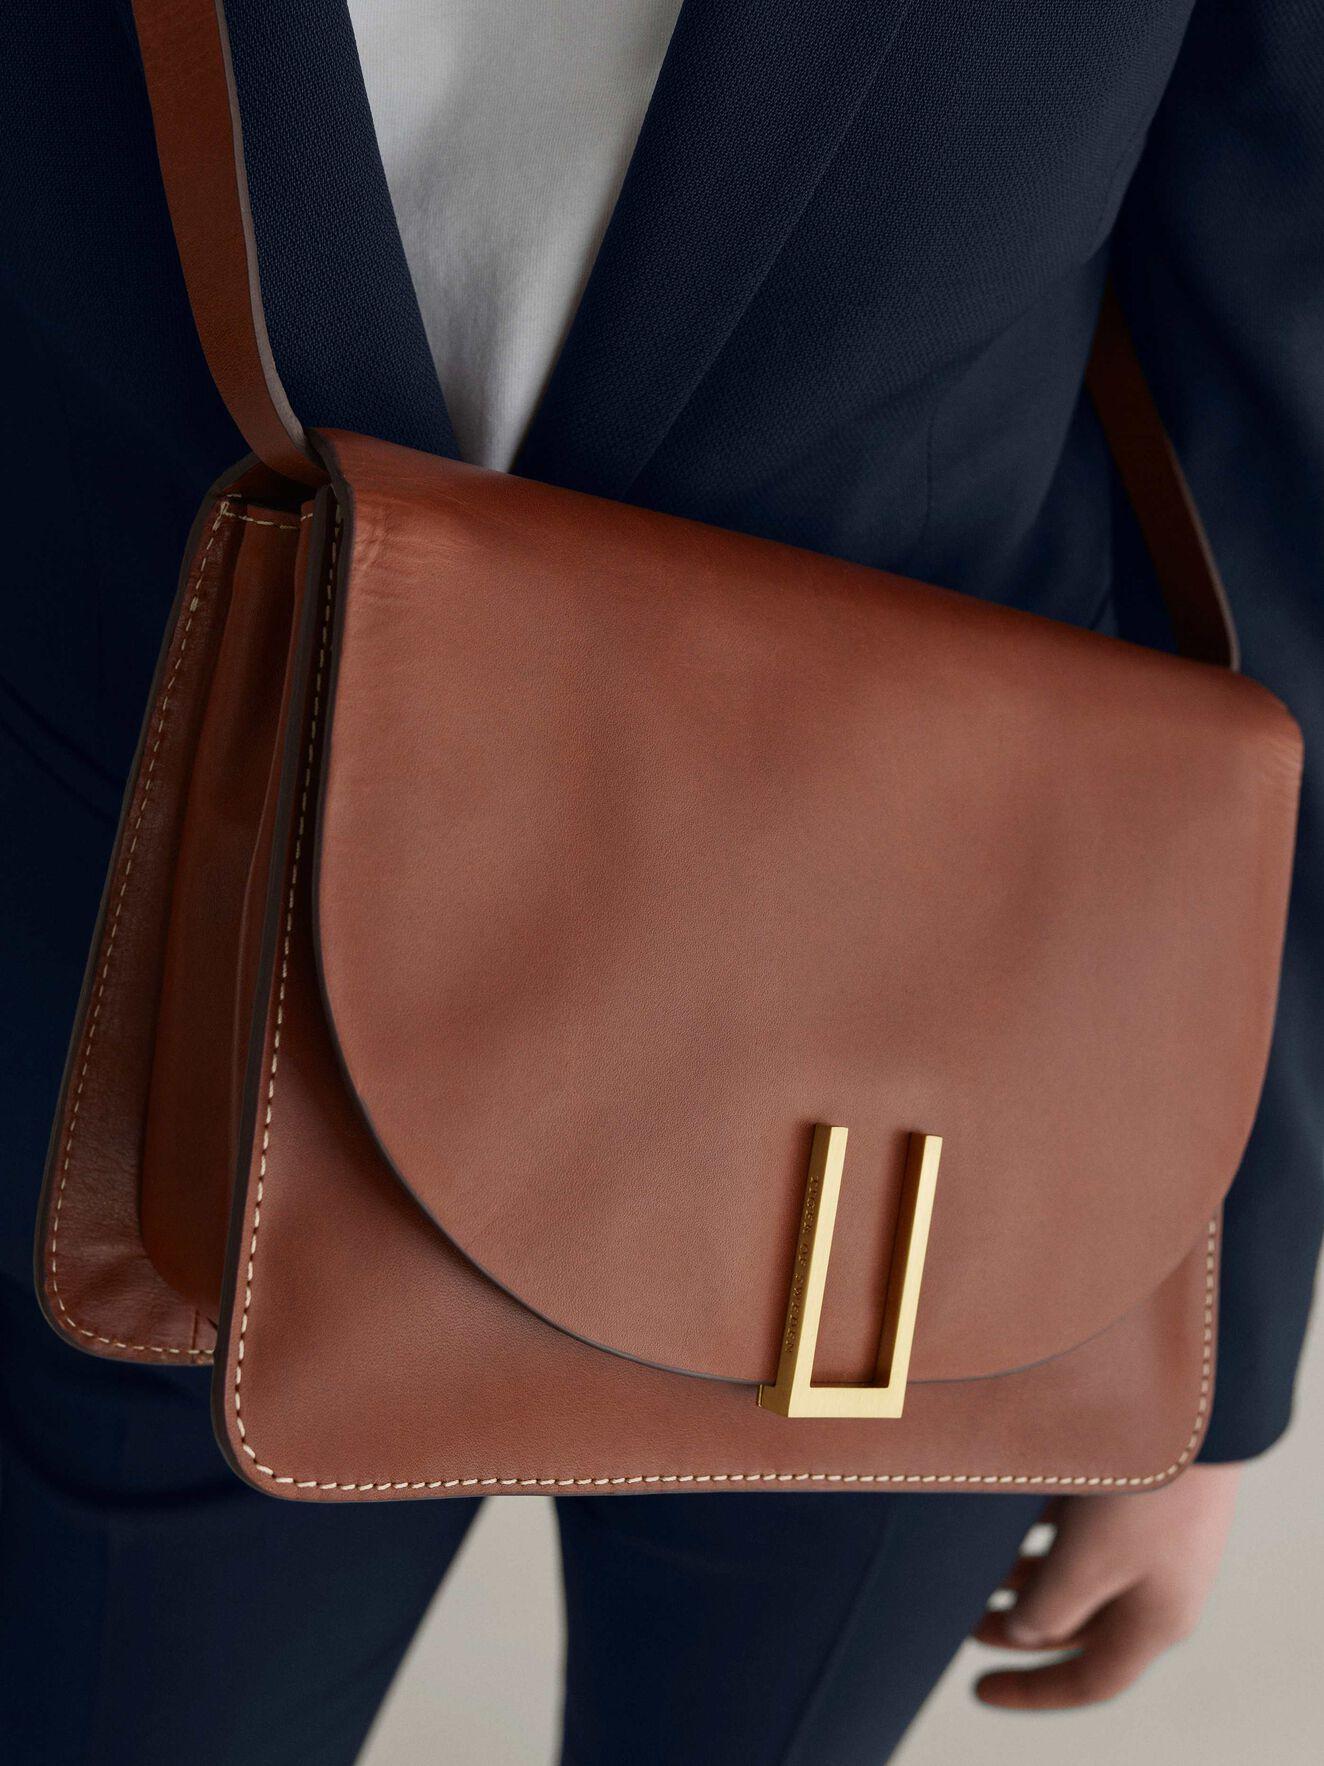 Marcel Shoulder Bag in Light Brown from Tiger of Sweden